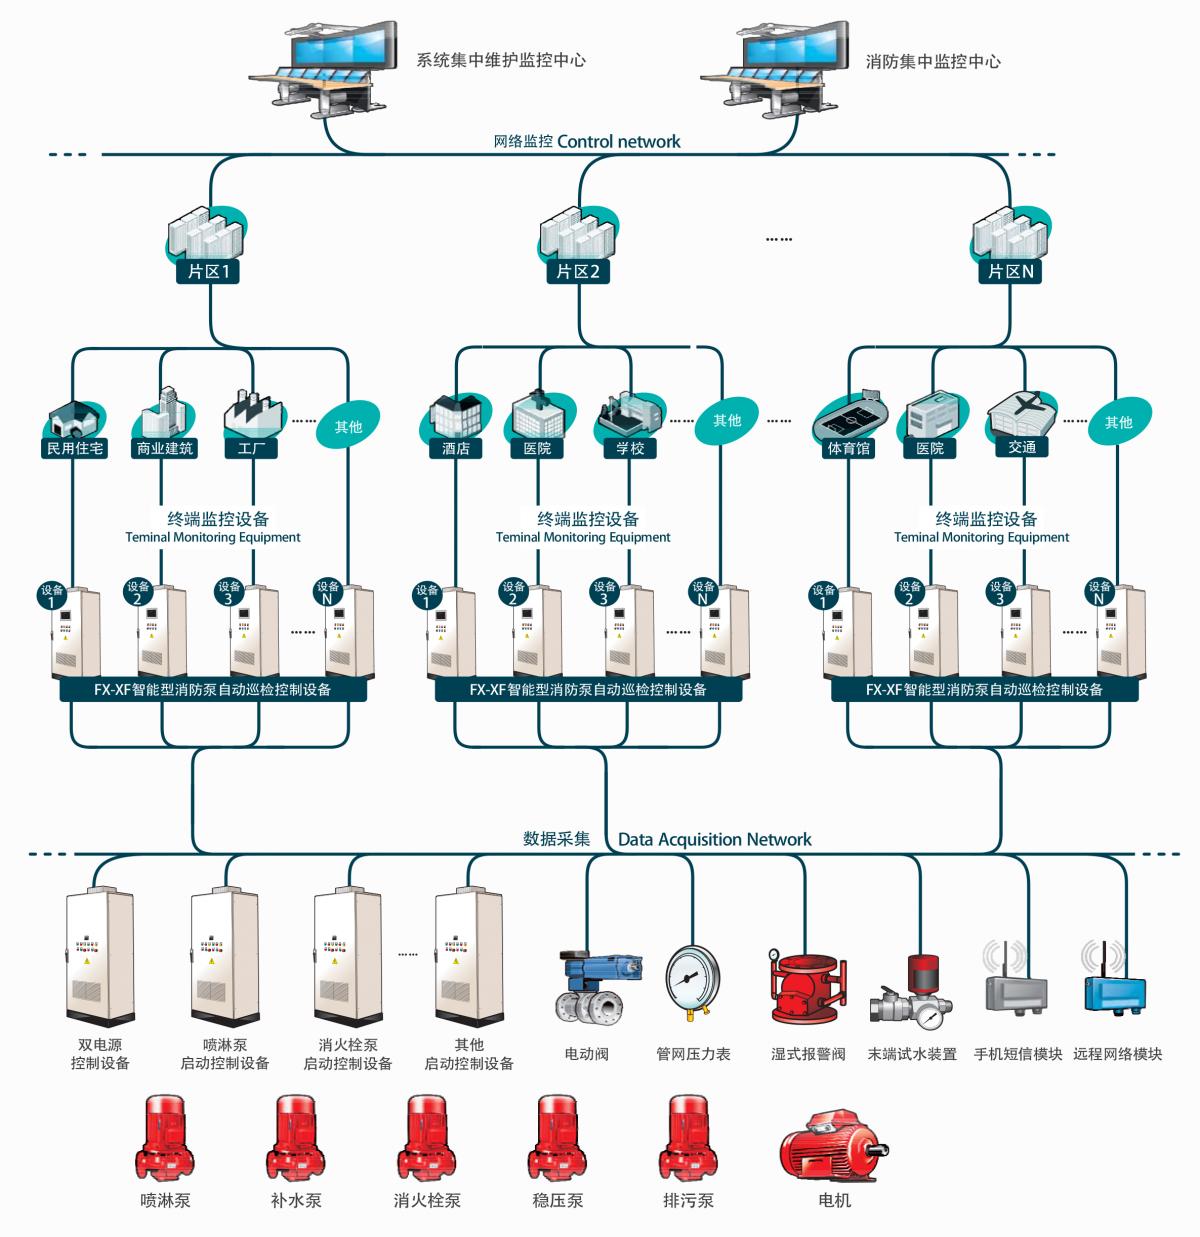 消防给水系统数据采集-智能监管解决方案选型手册(1)(1)-4_05.png